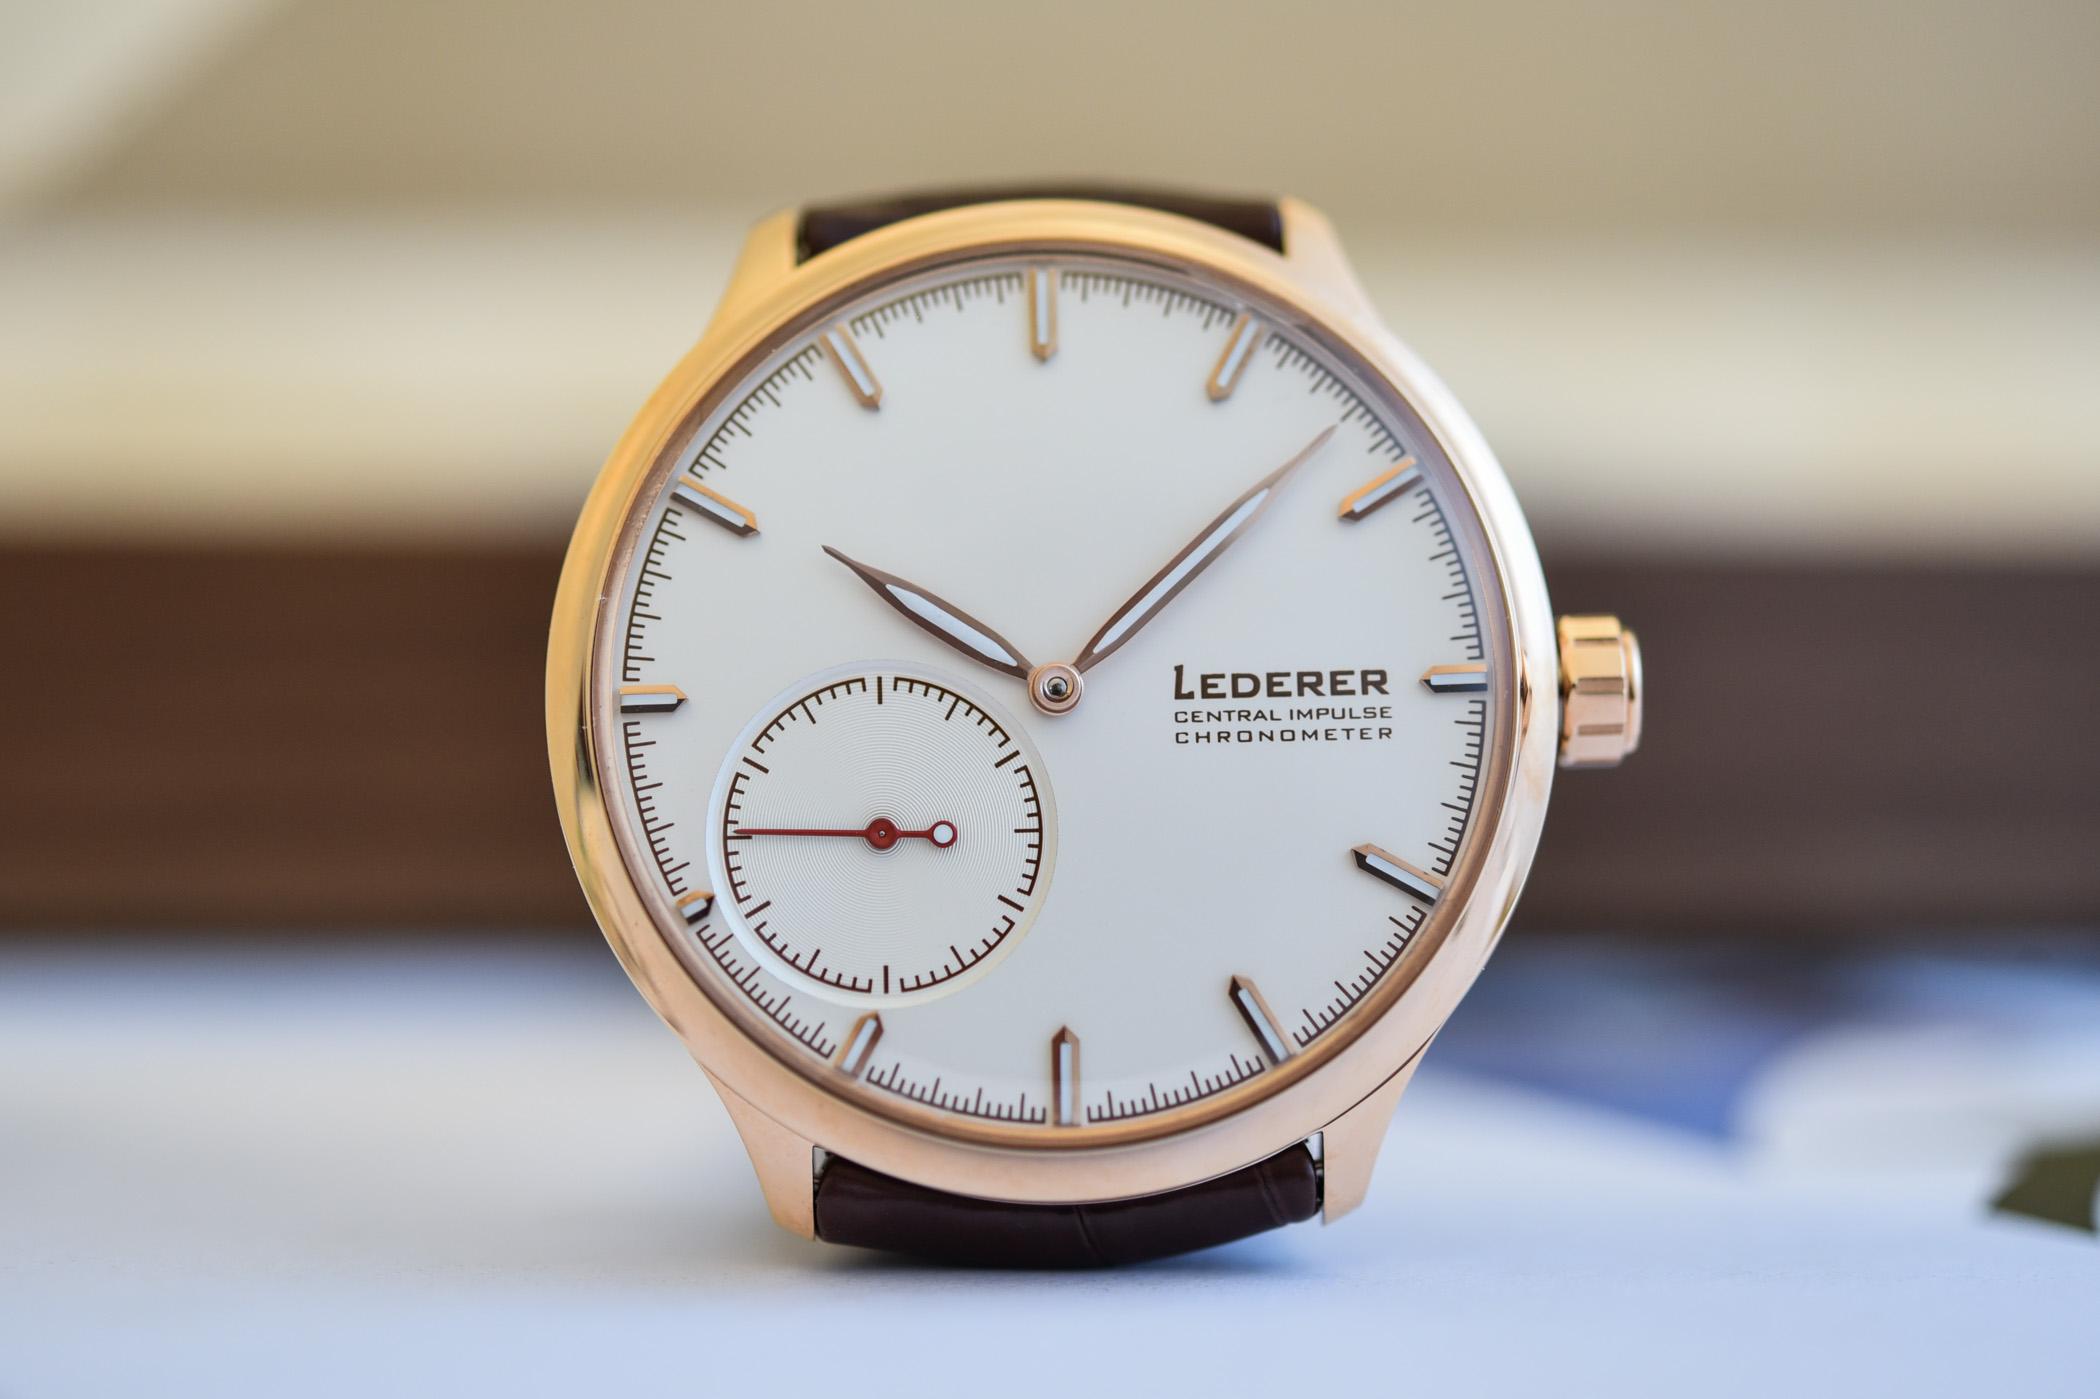 Bernhard Lederer Central Impulse Chronometer - 10